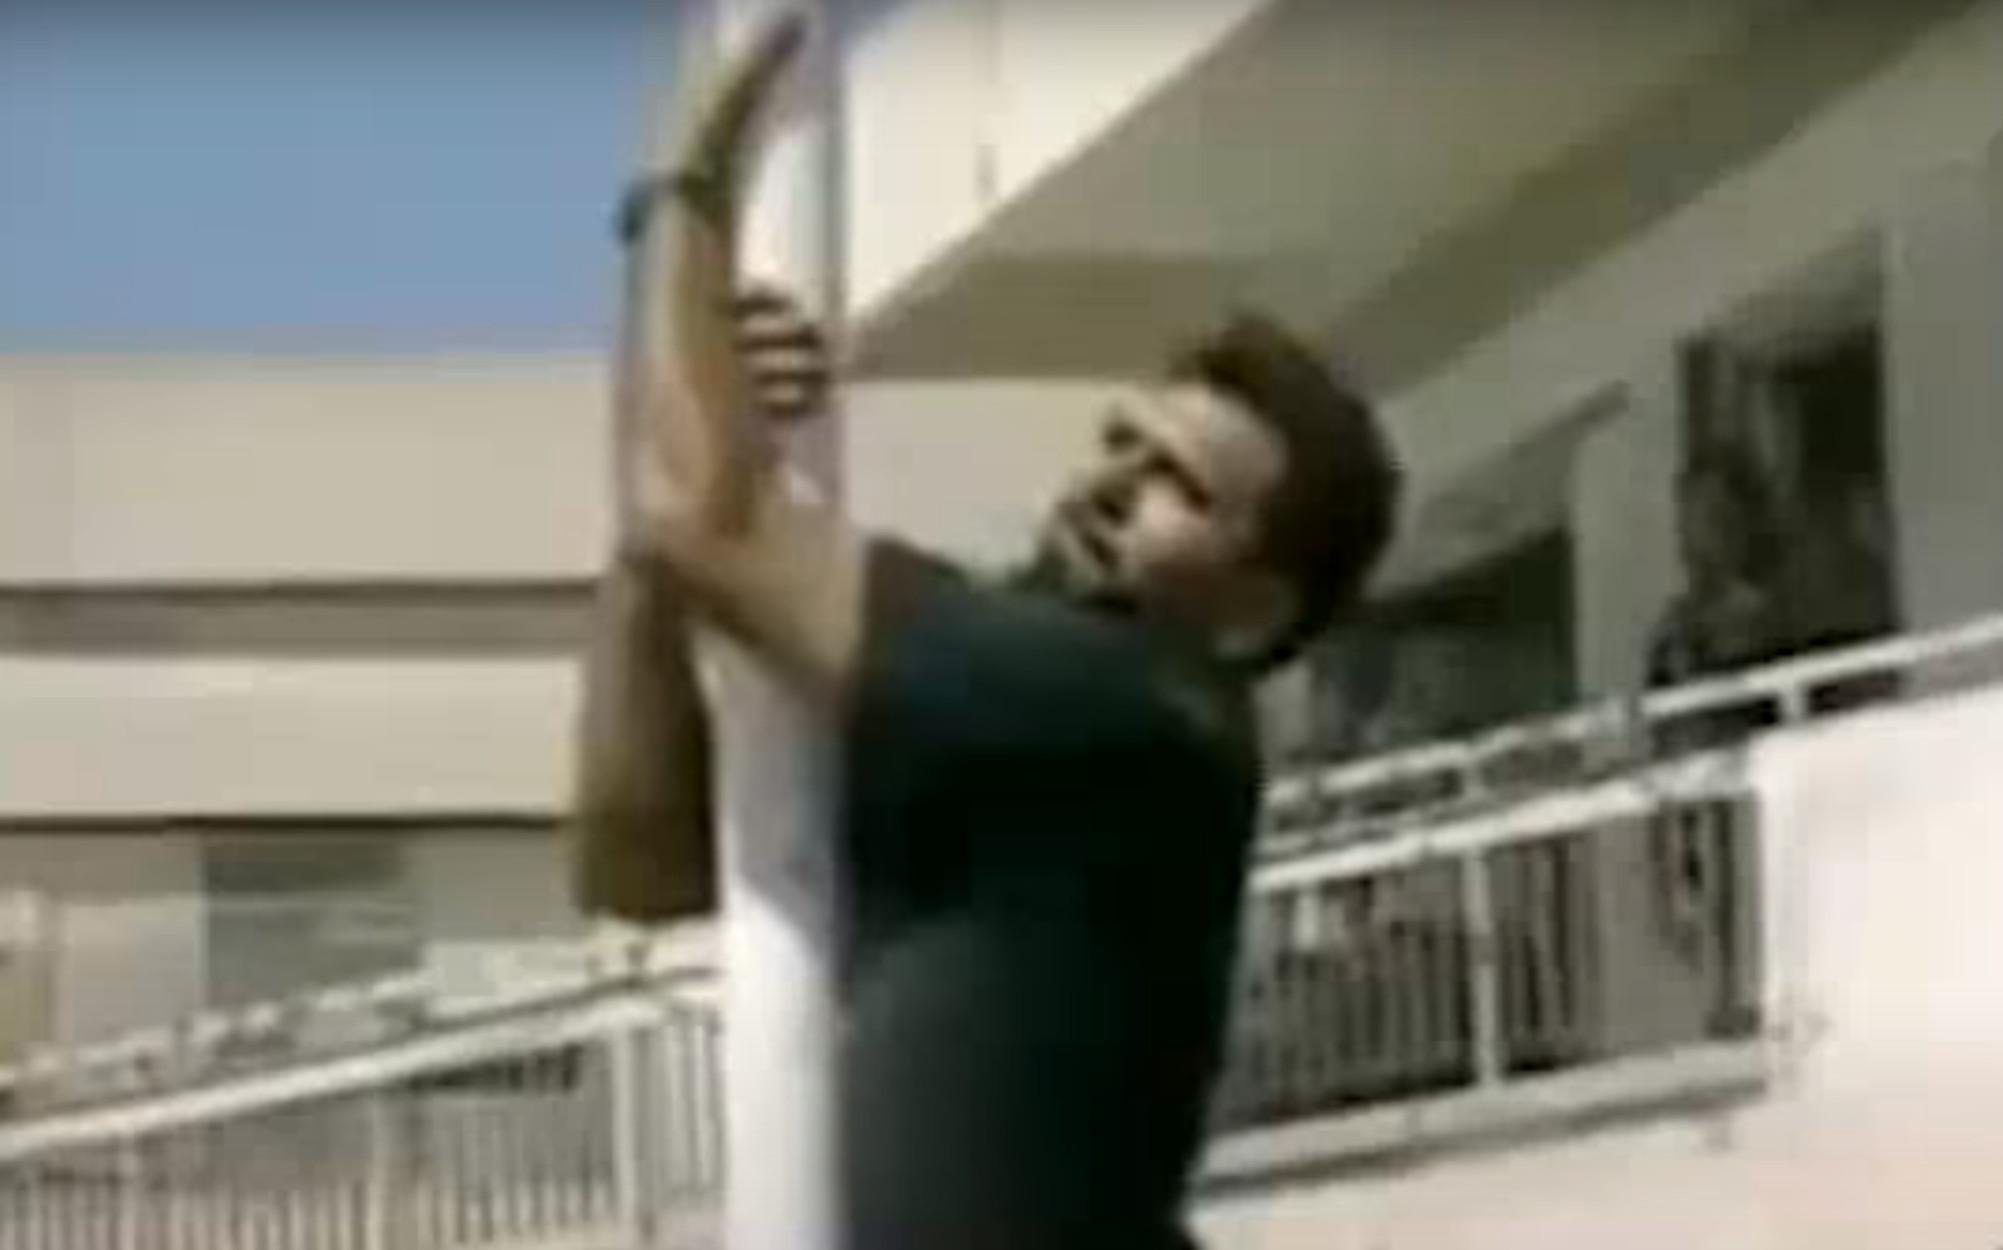 Σολωμός Σολωμού: Κυνική ομολογία για τη δολοφονία του – «Εγώ έδωσα την εντολή»